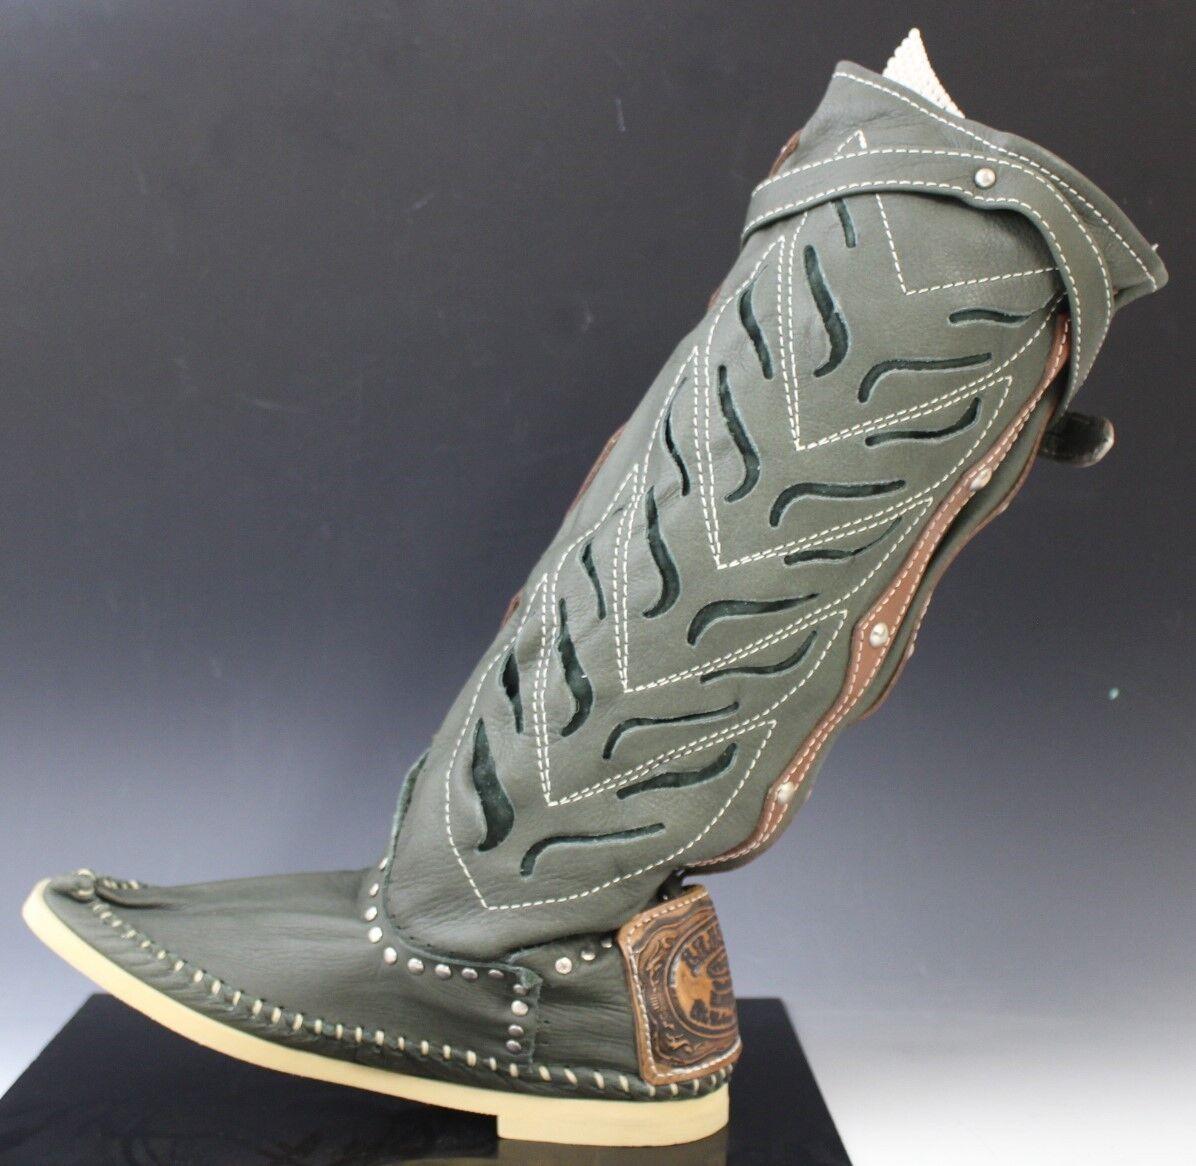 Estilo Vaquero Cuero Italiano Héctor Mocasín botas Zapatos TRAFORATO verde EE. UU. 9